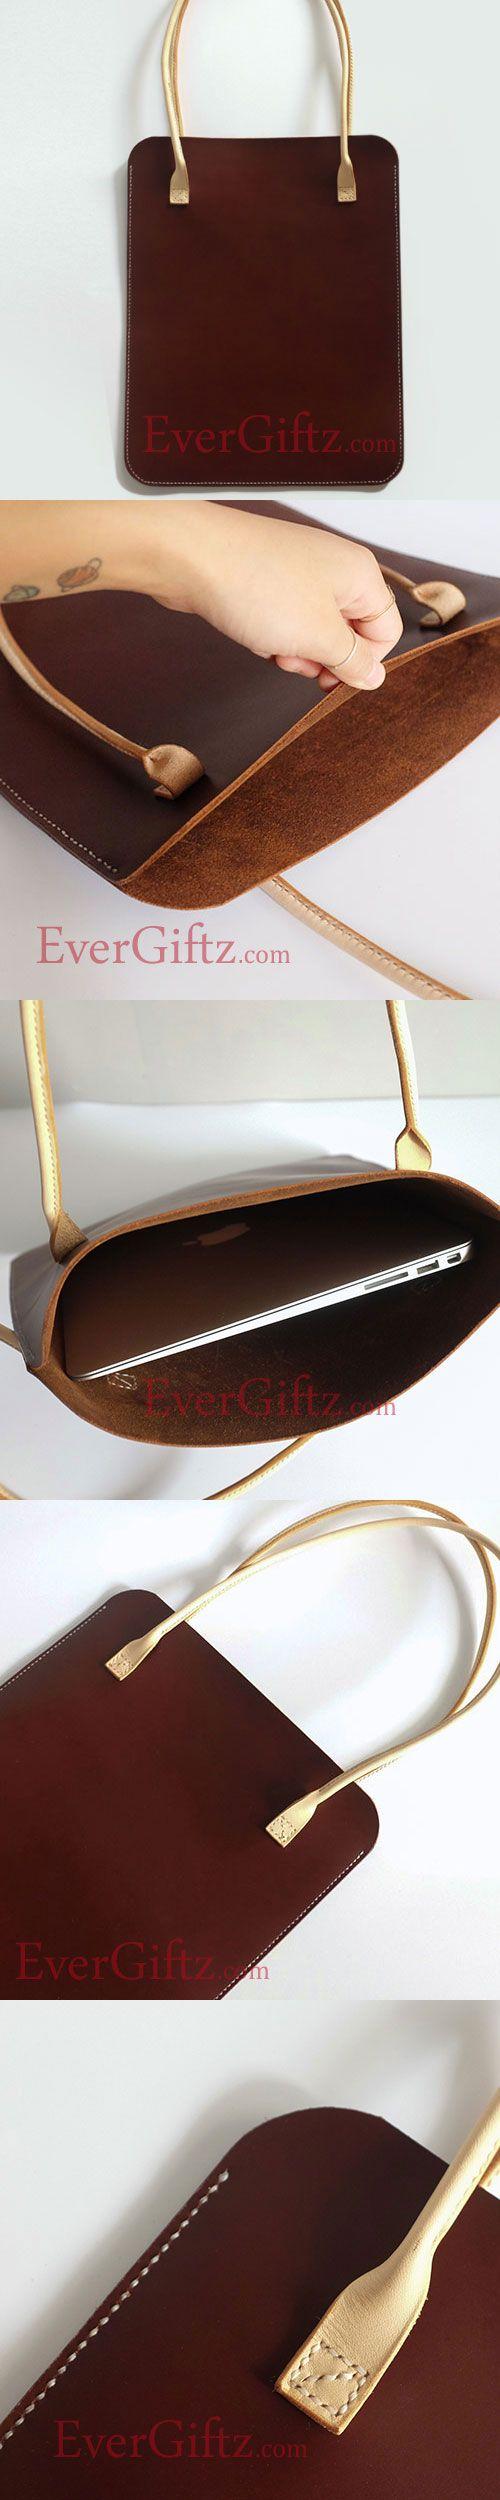 Genuine Leather vintage handmade shoulder bag crossbody bag handbag tote shopper bag purse